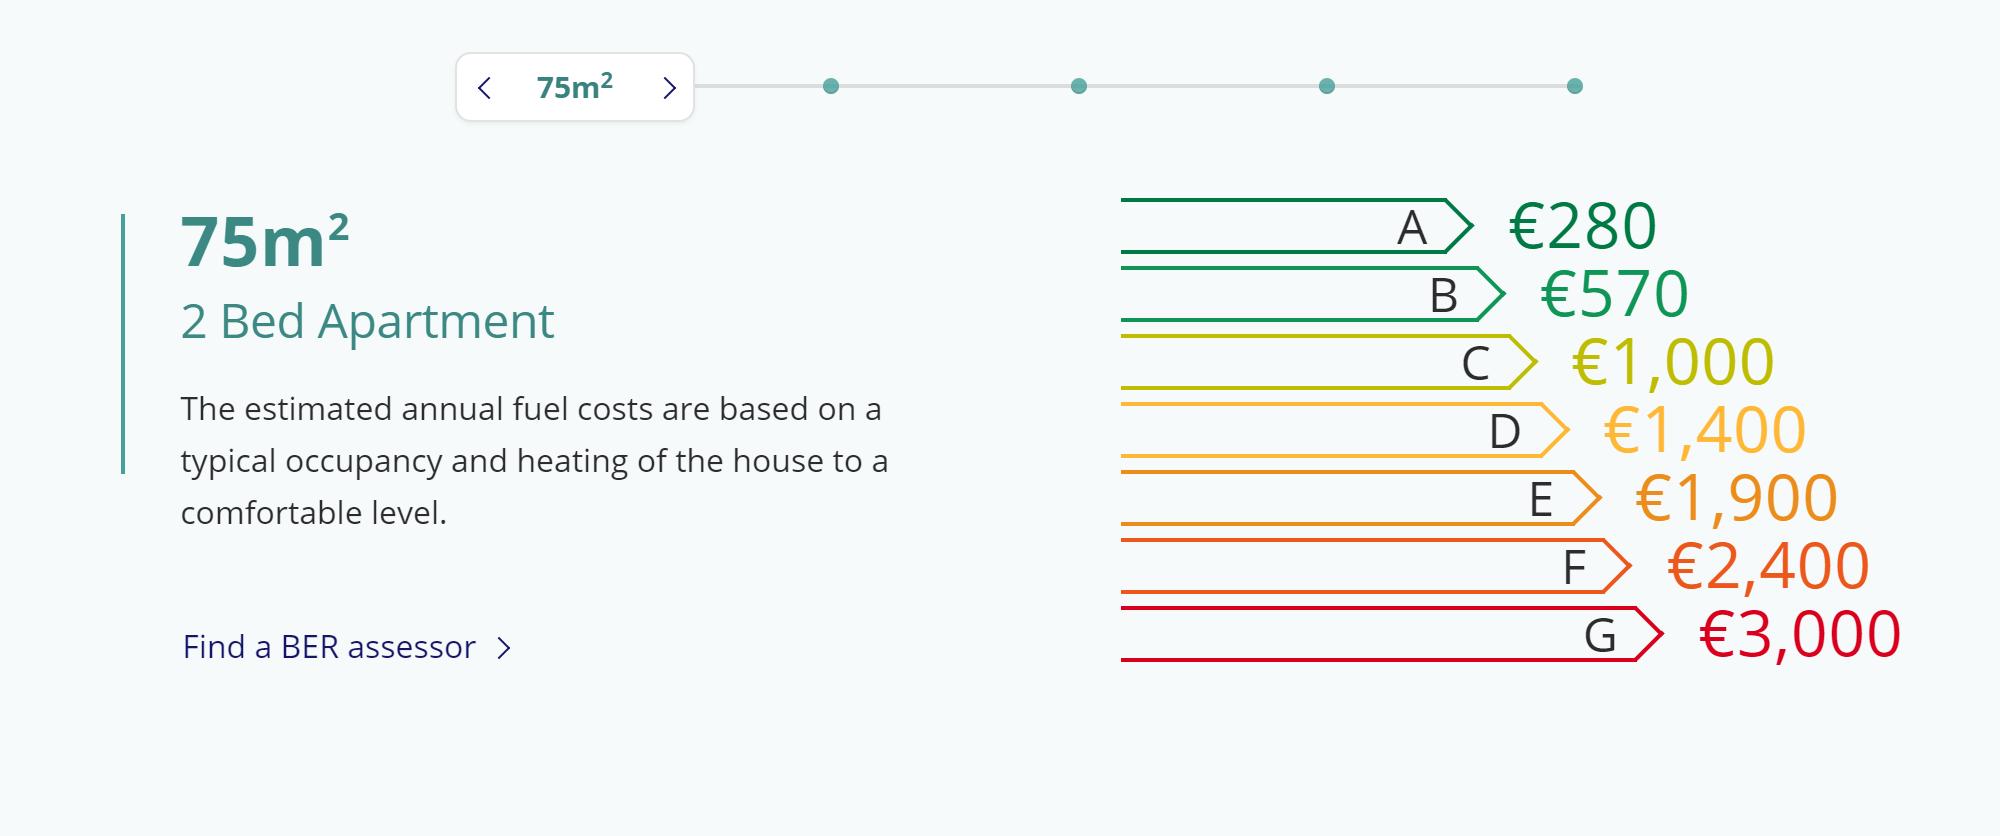 Рейтинг энергоэффективности показывает, сколько в среднем вы будете тратить на отопление жилья в год